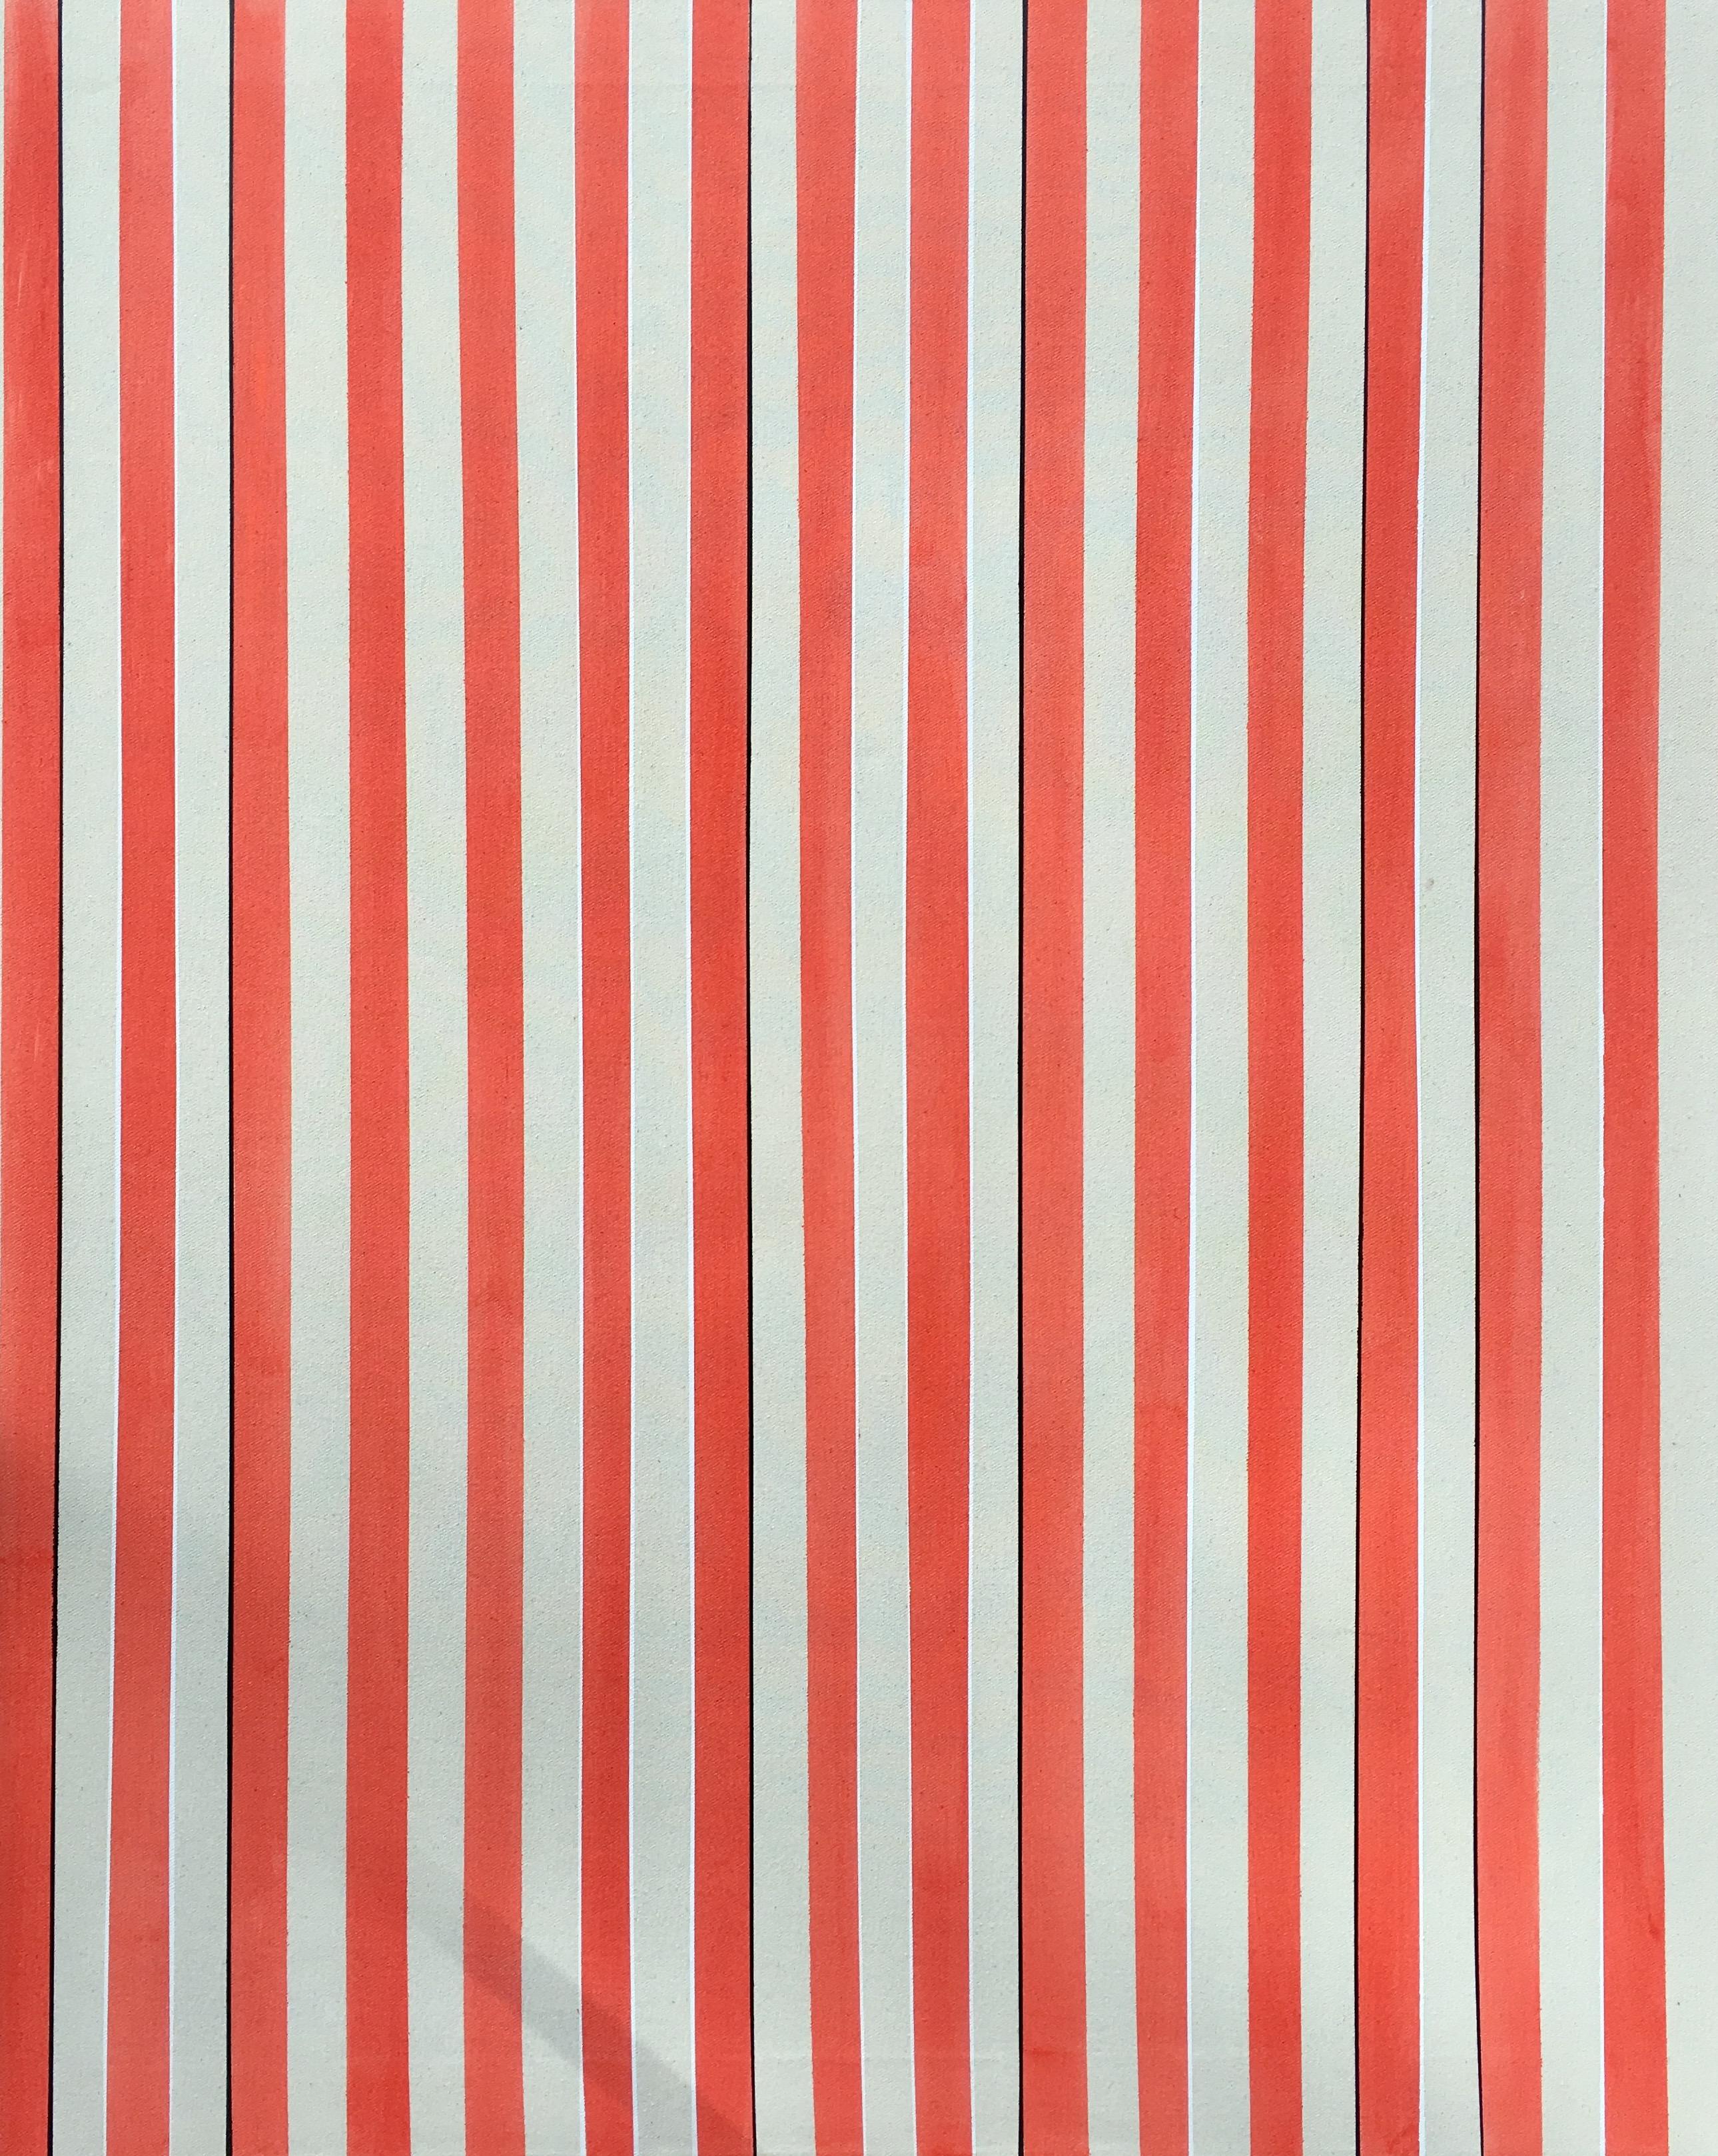 Addition ll, 120 x 100 cm